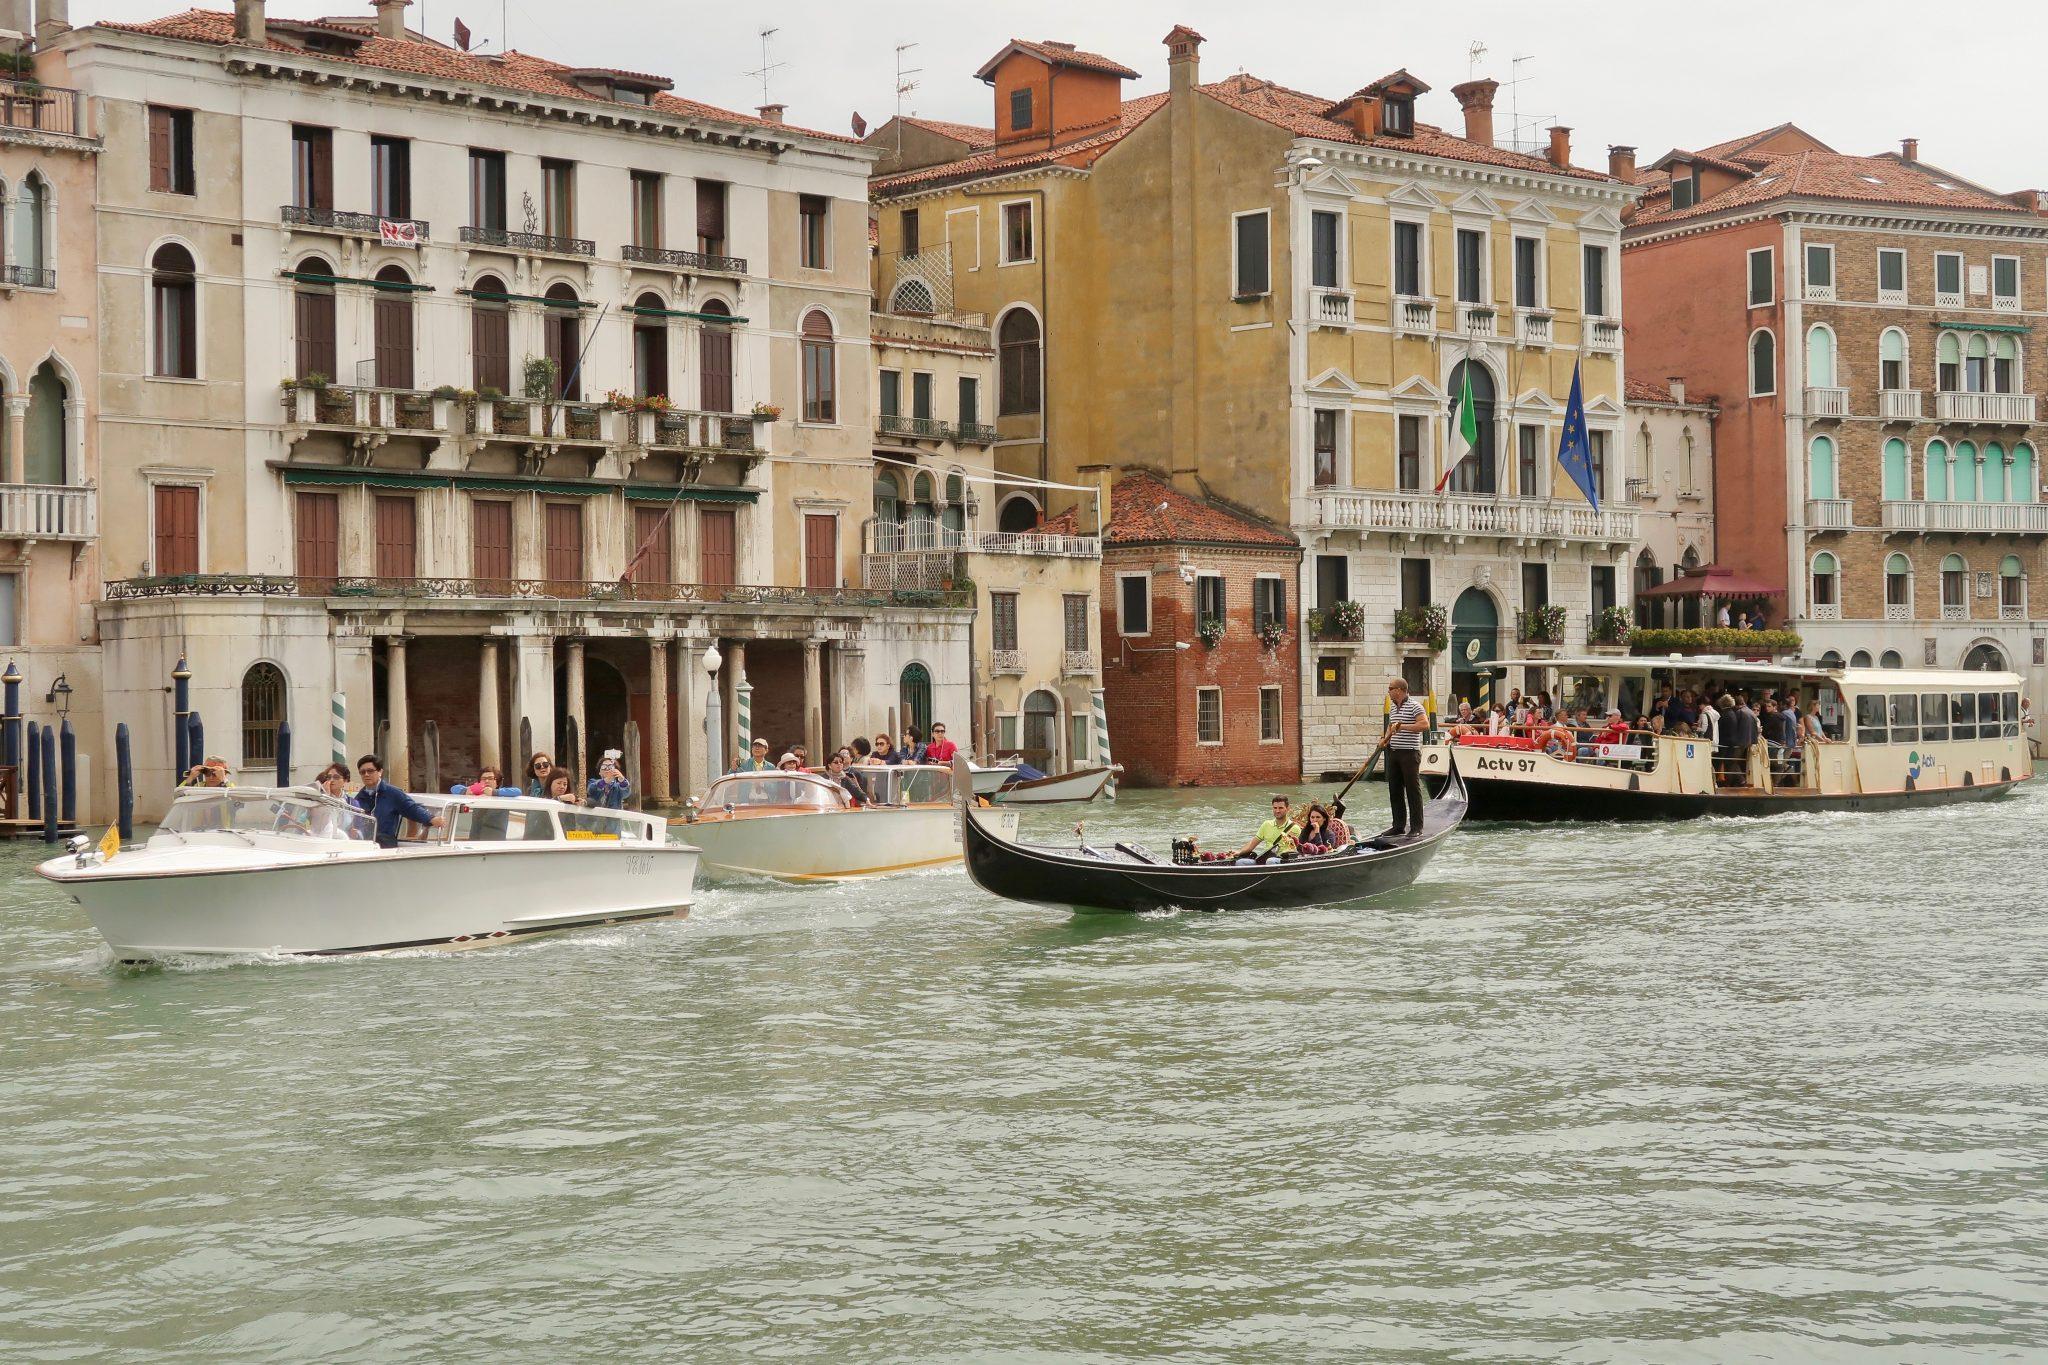 Venedig: Auf dem Canal Grande herrscht immer sehr viel Betrieb...